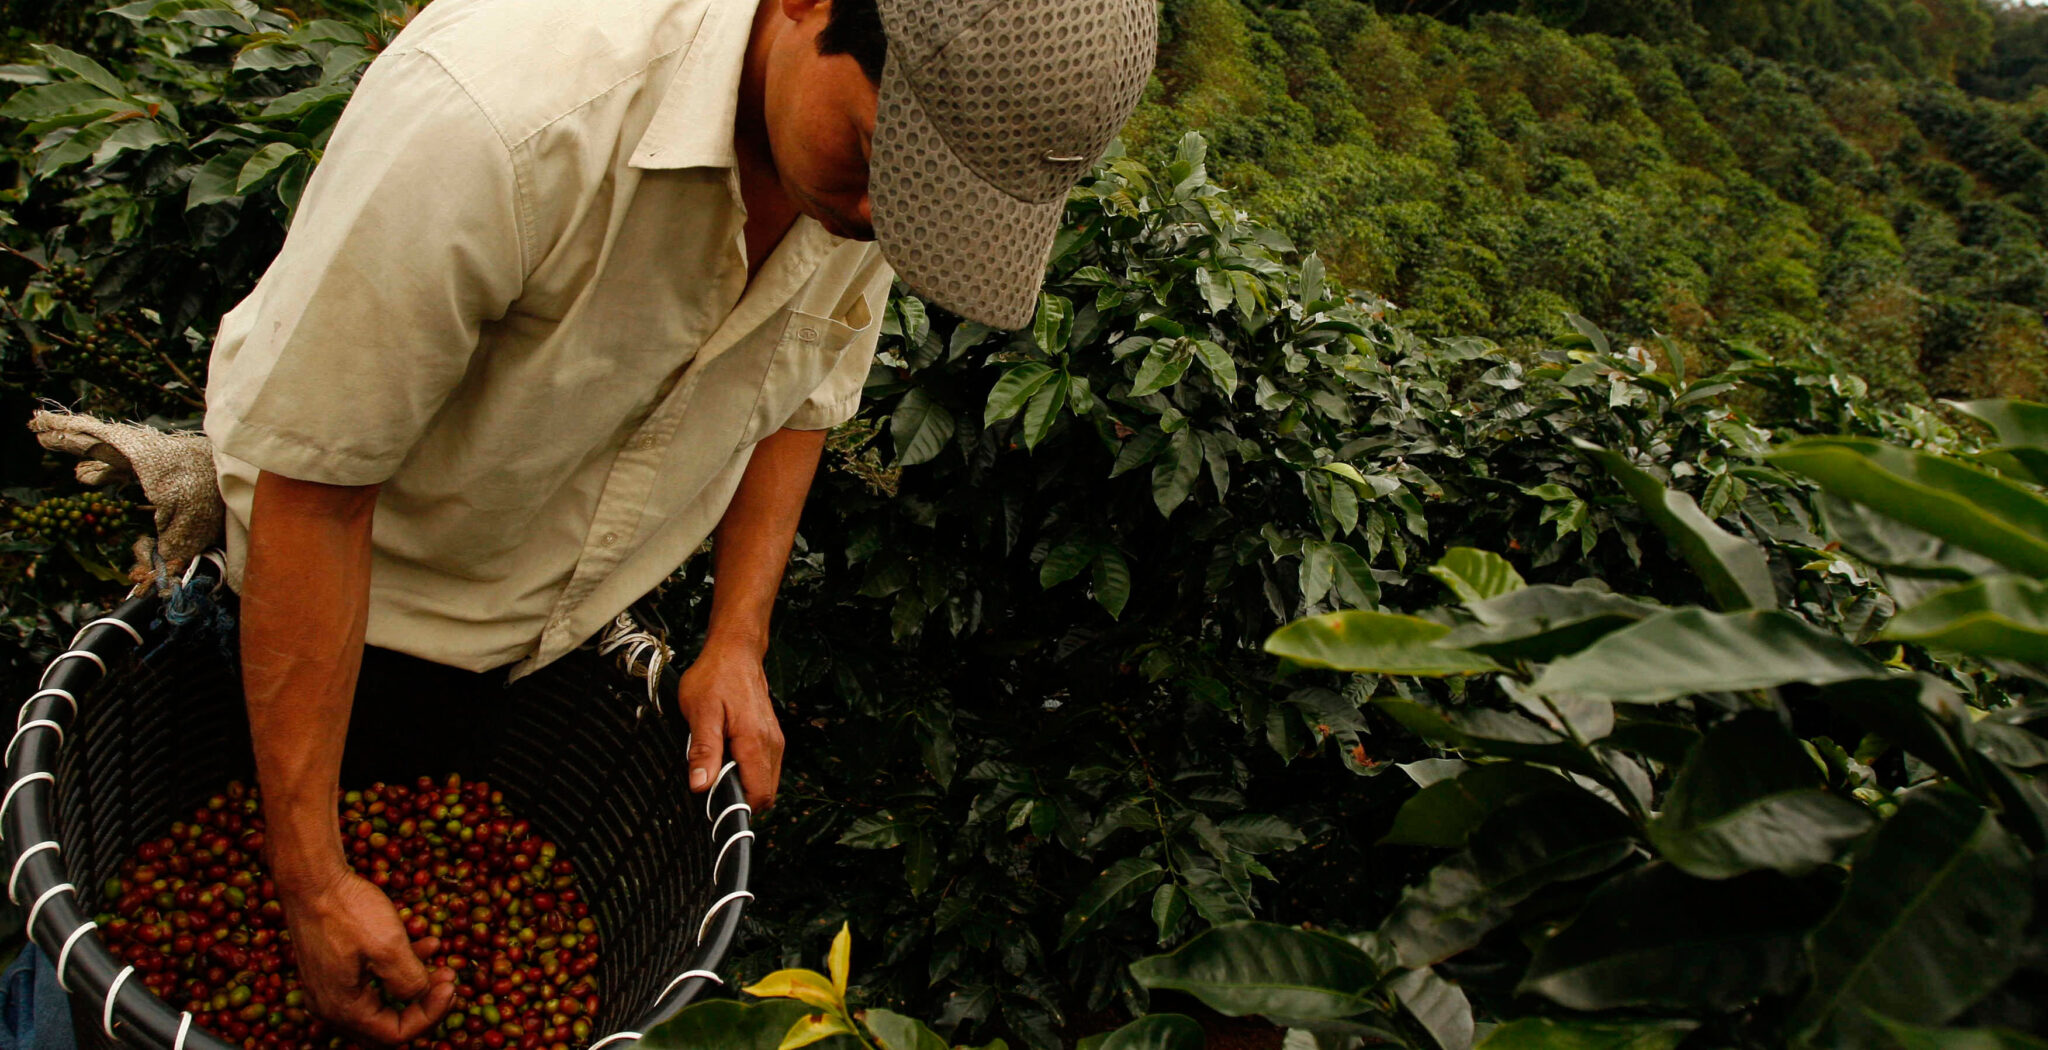 trabajo, recolectores de café